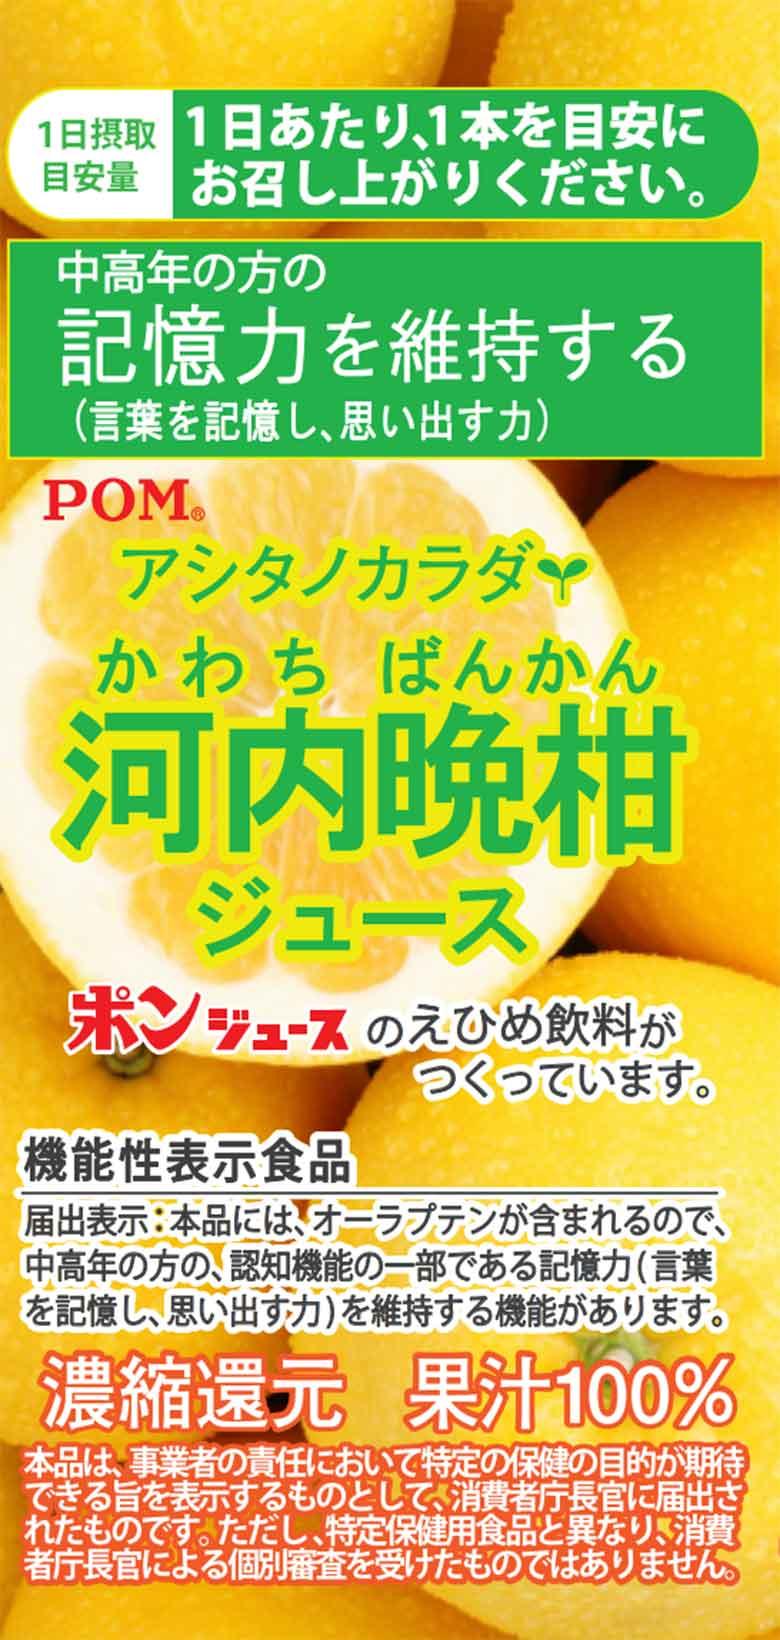 POM(ポン) アシタノカラダ 河内晩柑(かわちばんかん)ジュース